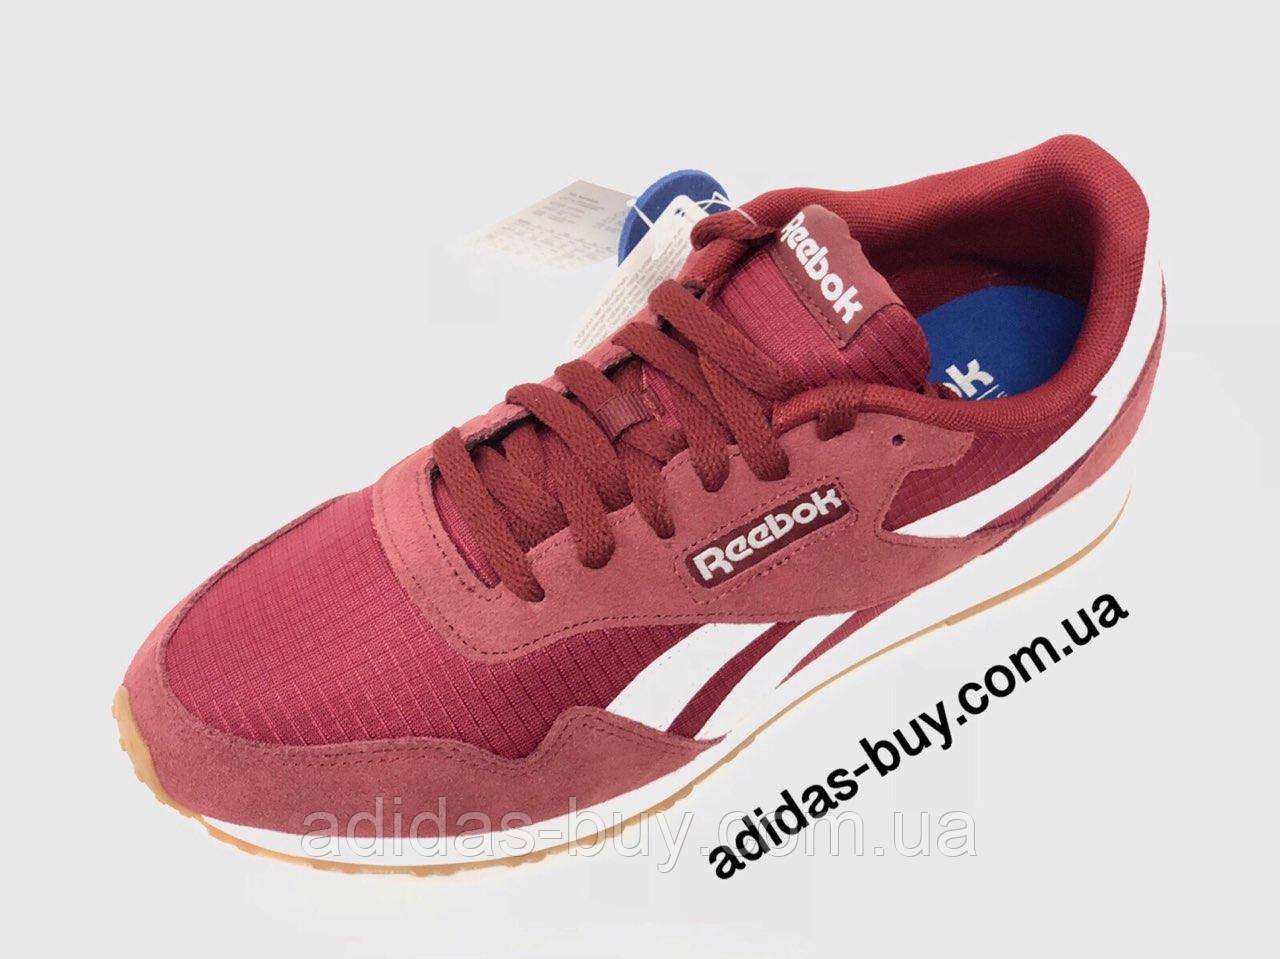 Мужские осенние кроссовки Reebok Royal Ultra из замша цвет бордовый артикул CN4565 оригинальные